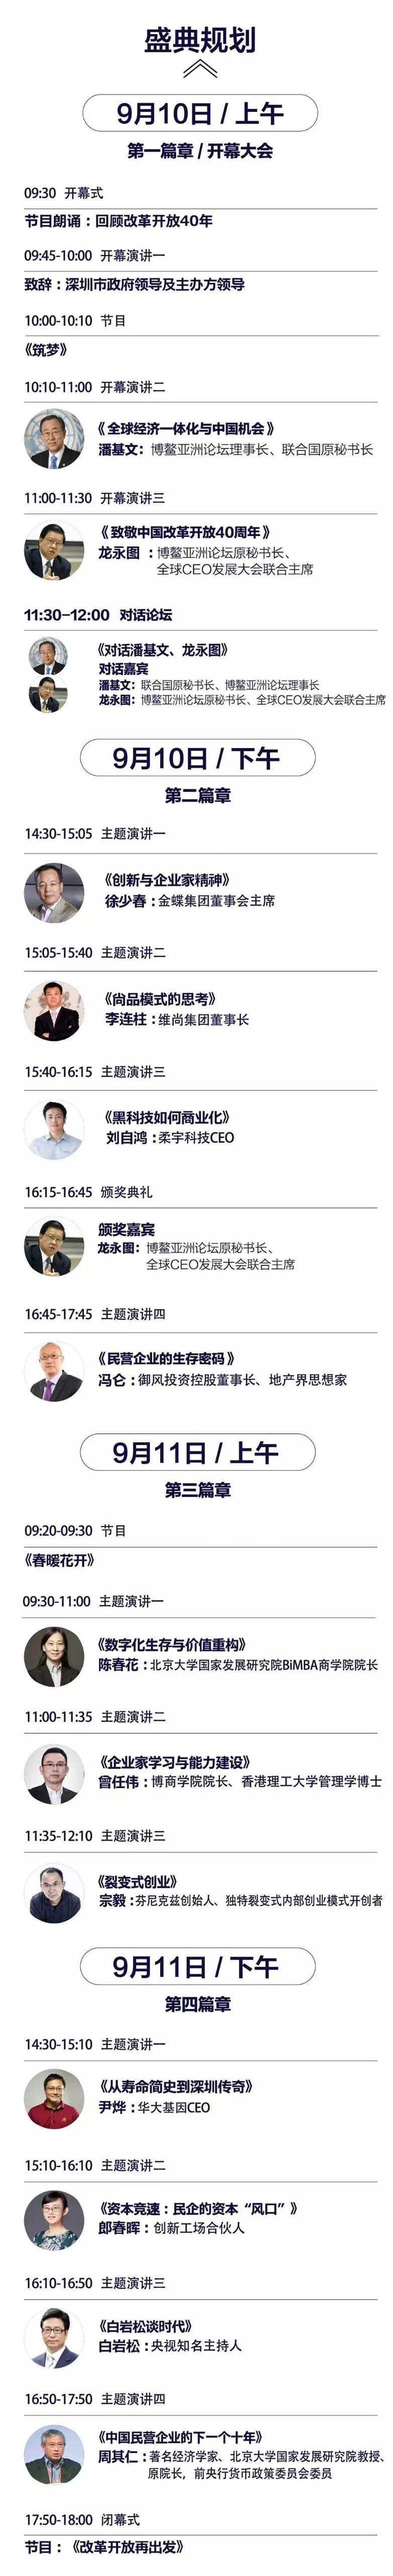 第三届民企盛典节目时间表